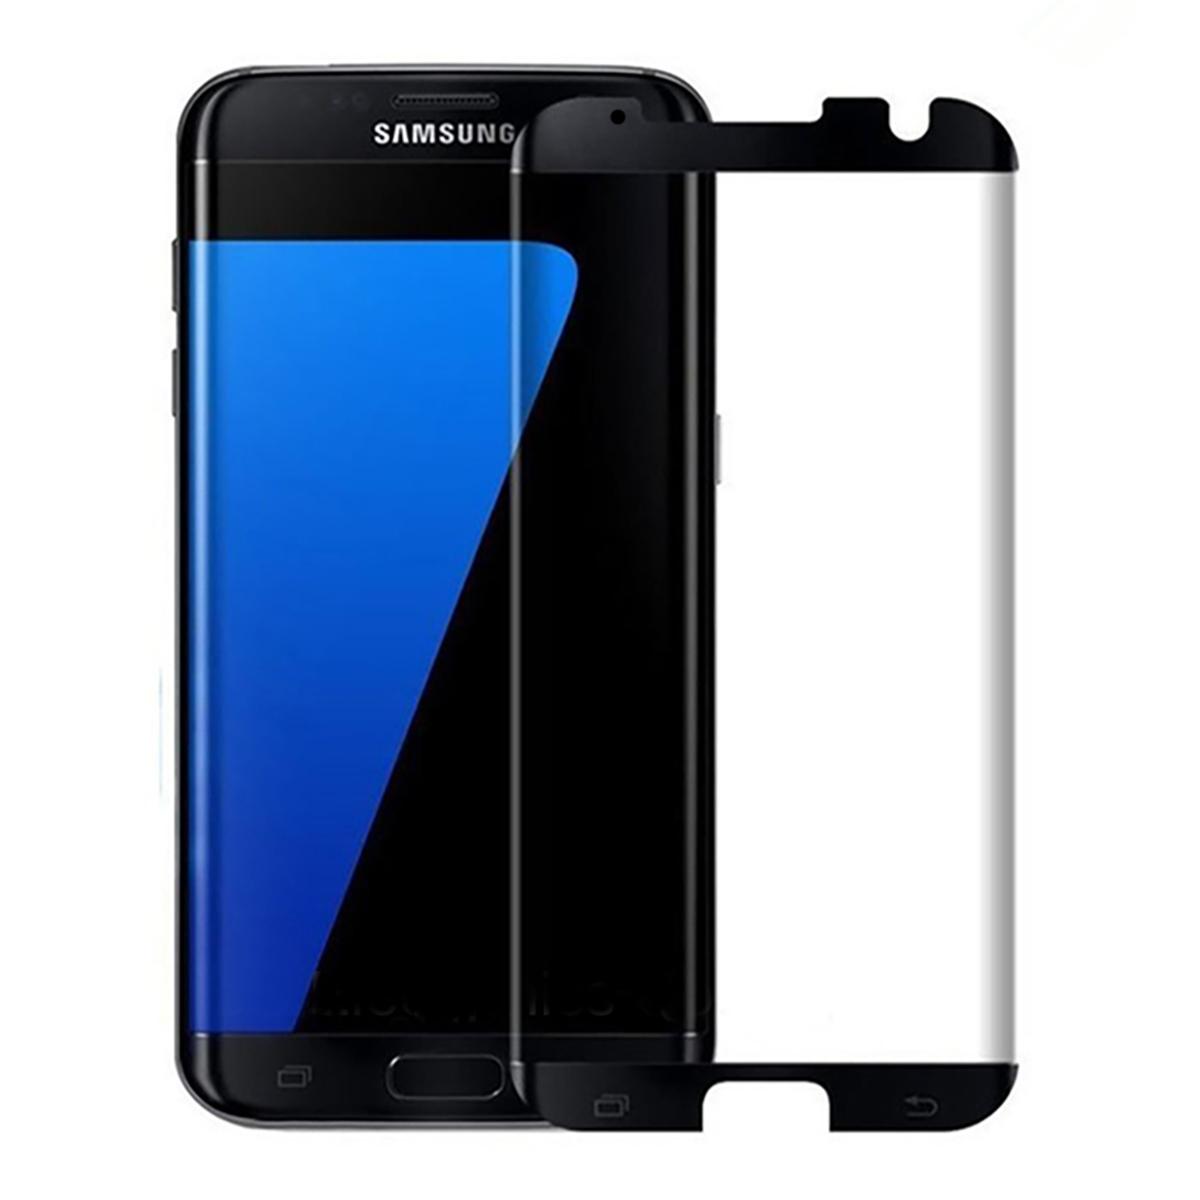 محافظ صفحه نمایش سومگ مدل Nitro مناسب برای گوشی سامسونگ Galaxy S7 Edge